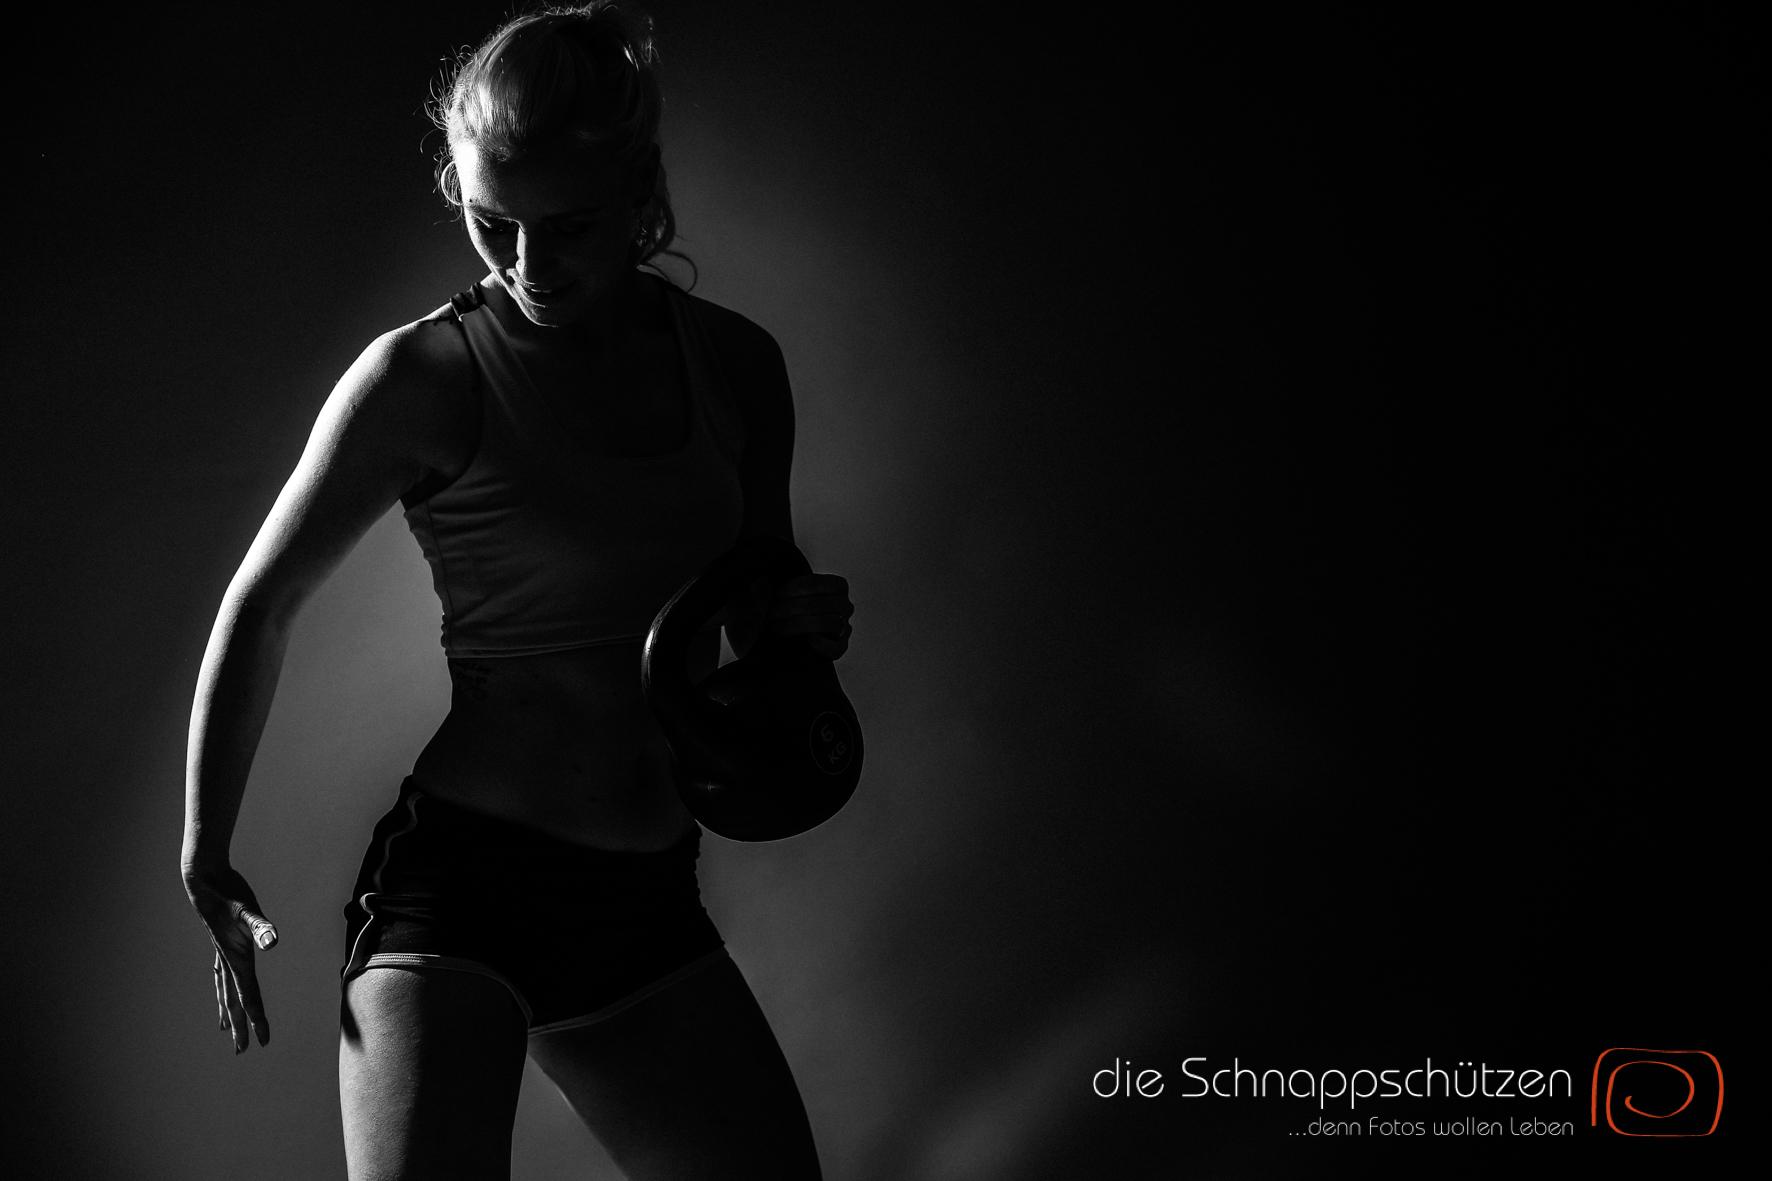 Sportfotos im Studio | (c) die Schnappschützen